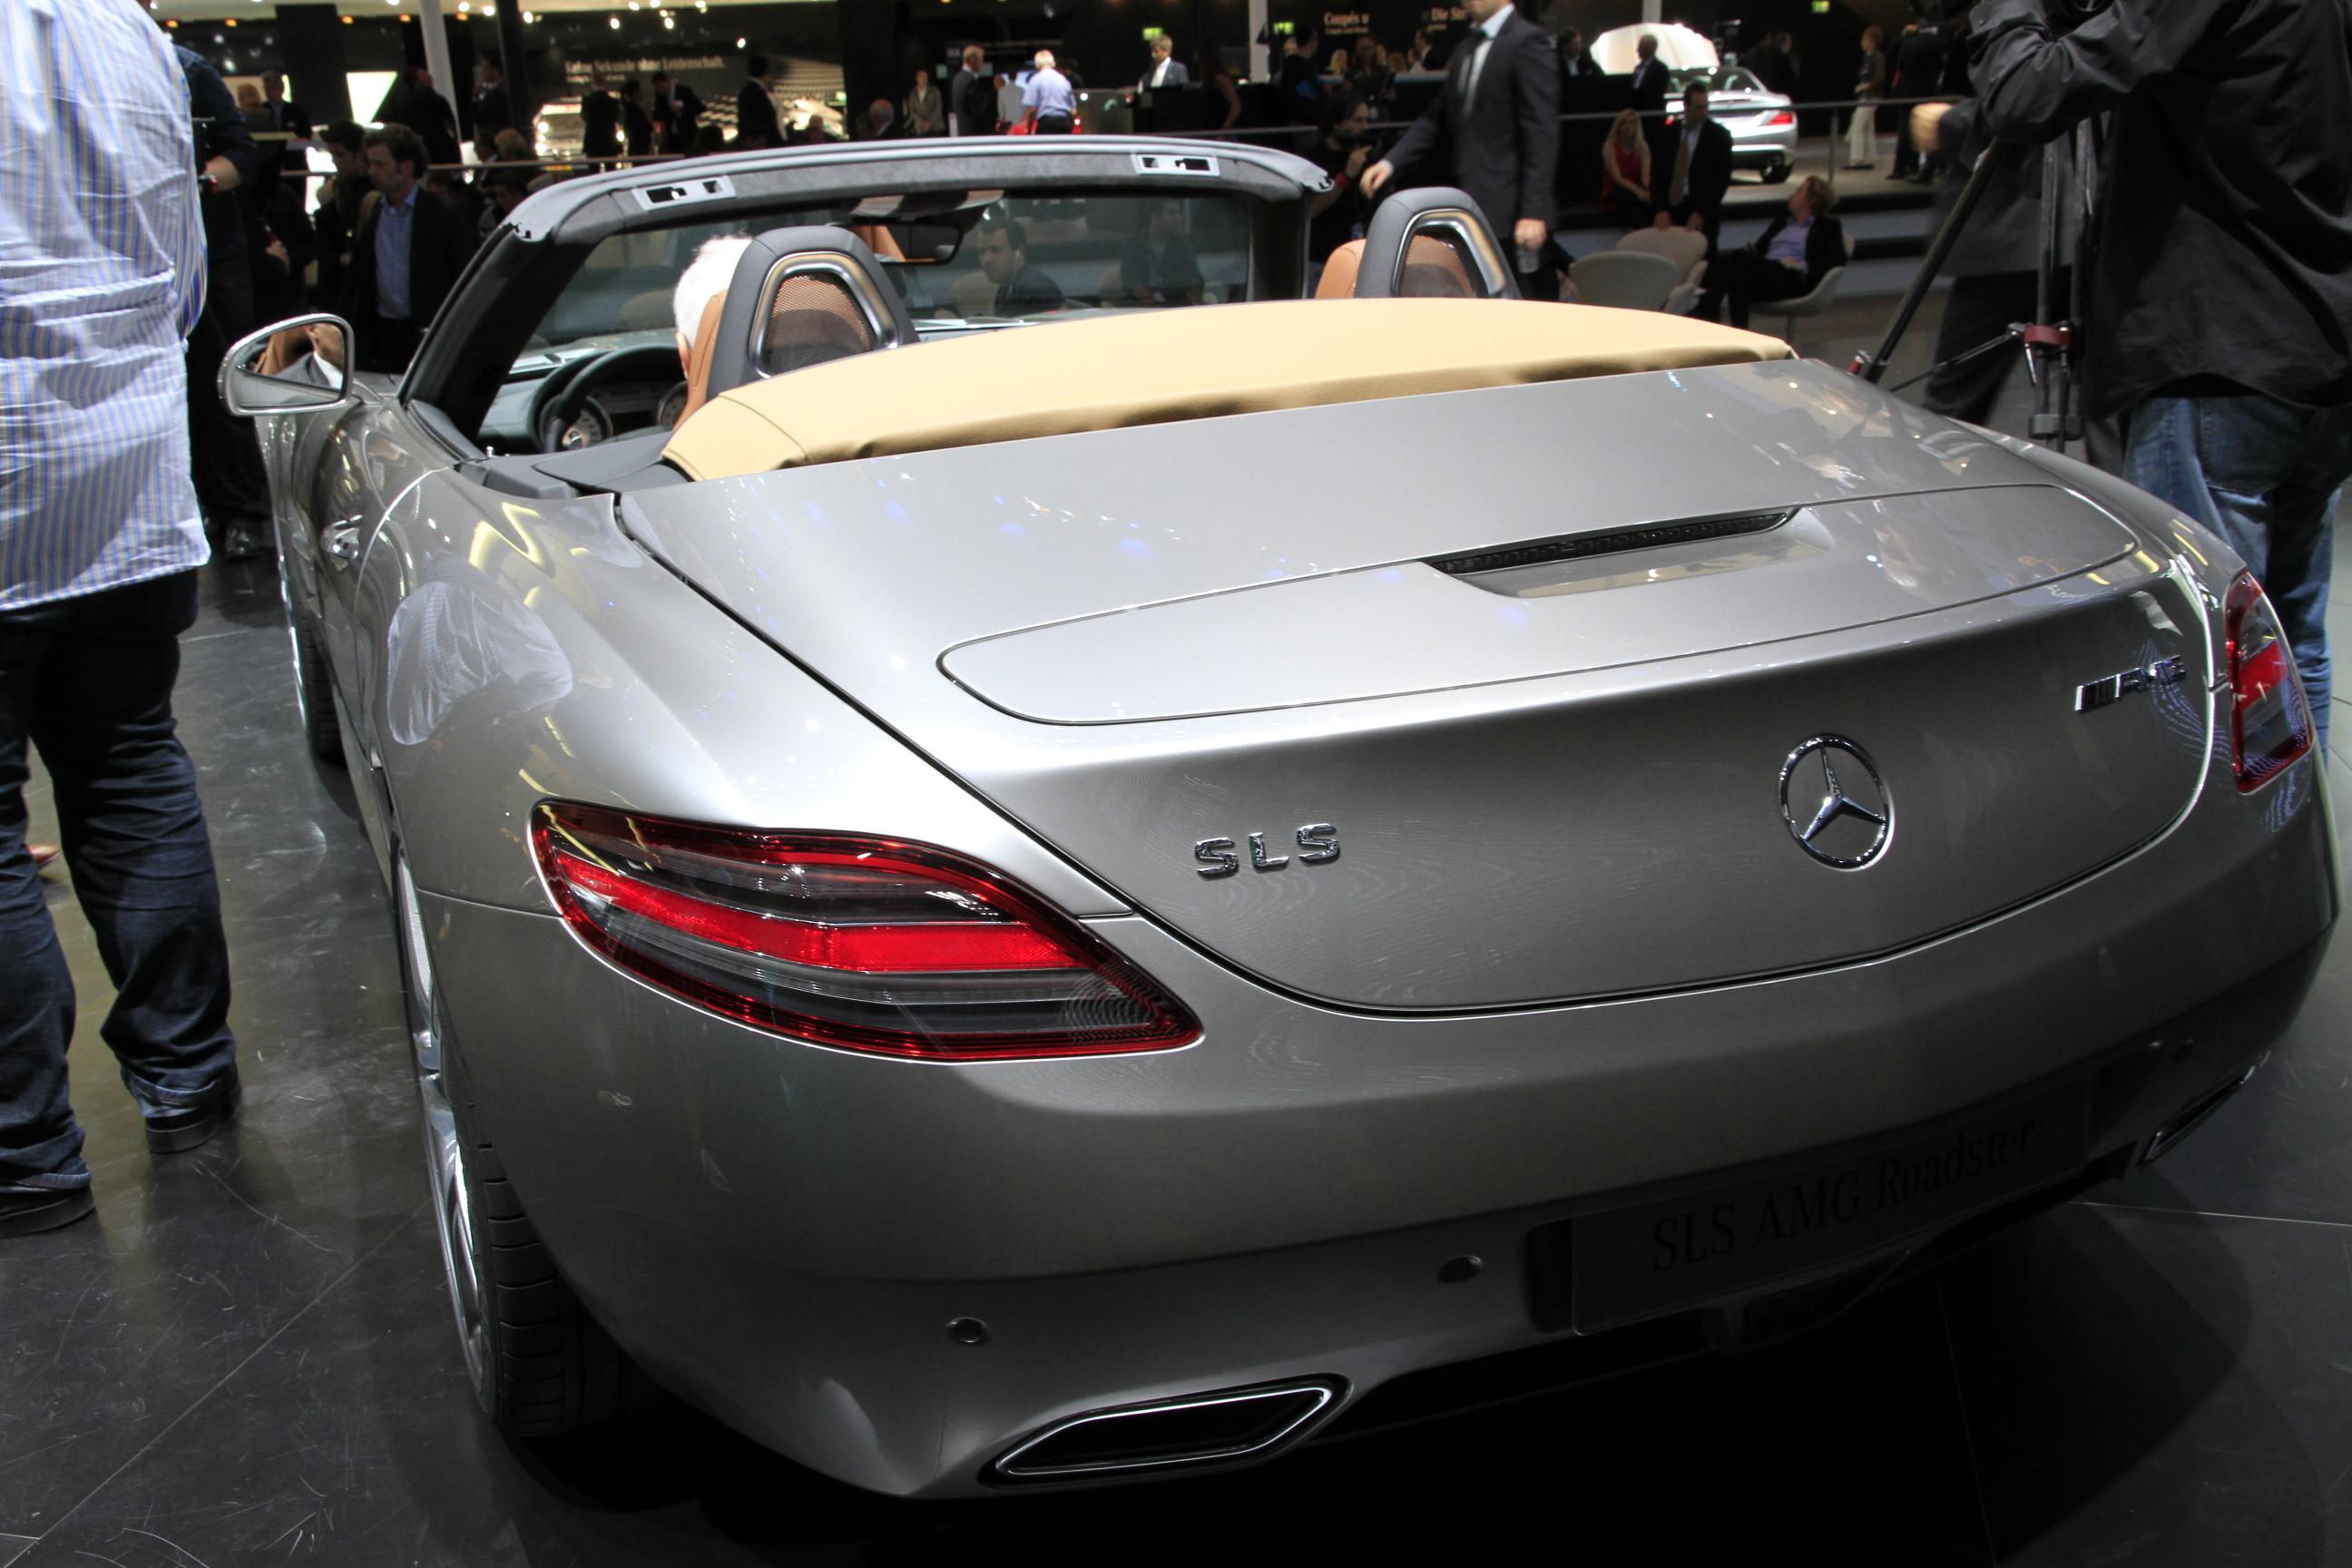 http://images.caradisiac.com/images/2/5/3/4/72534/S0-En-direct-du-salon-de-Francfort-2011-Mercedes-SLS-AMG-Roadster-le-papillon-s-est-envole-238403.jpg